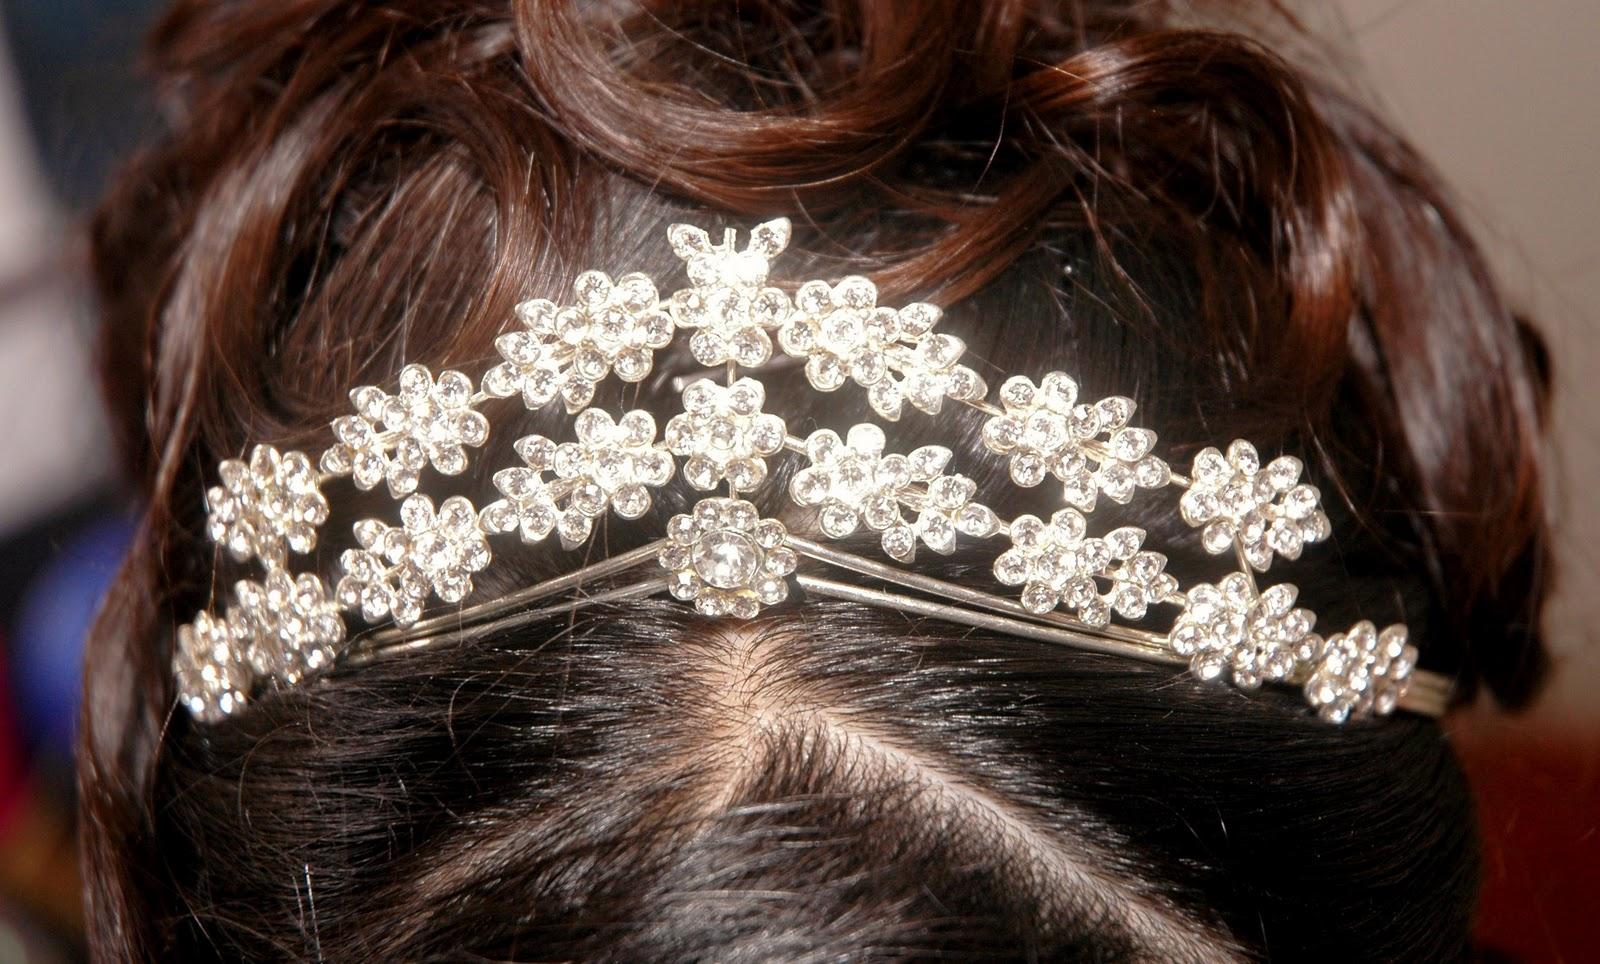 http://1.bp.blogspot.com/-1yzTenMPSSg/TnjFZrbgJuI/AAAAAAAANs0/_3Lhn5m1hEQ/s1600/Jewellery+Wallpapers+%252814%2529.jpg